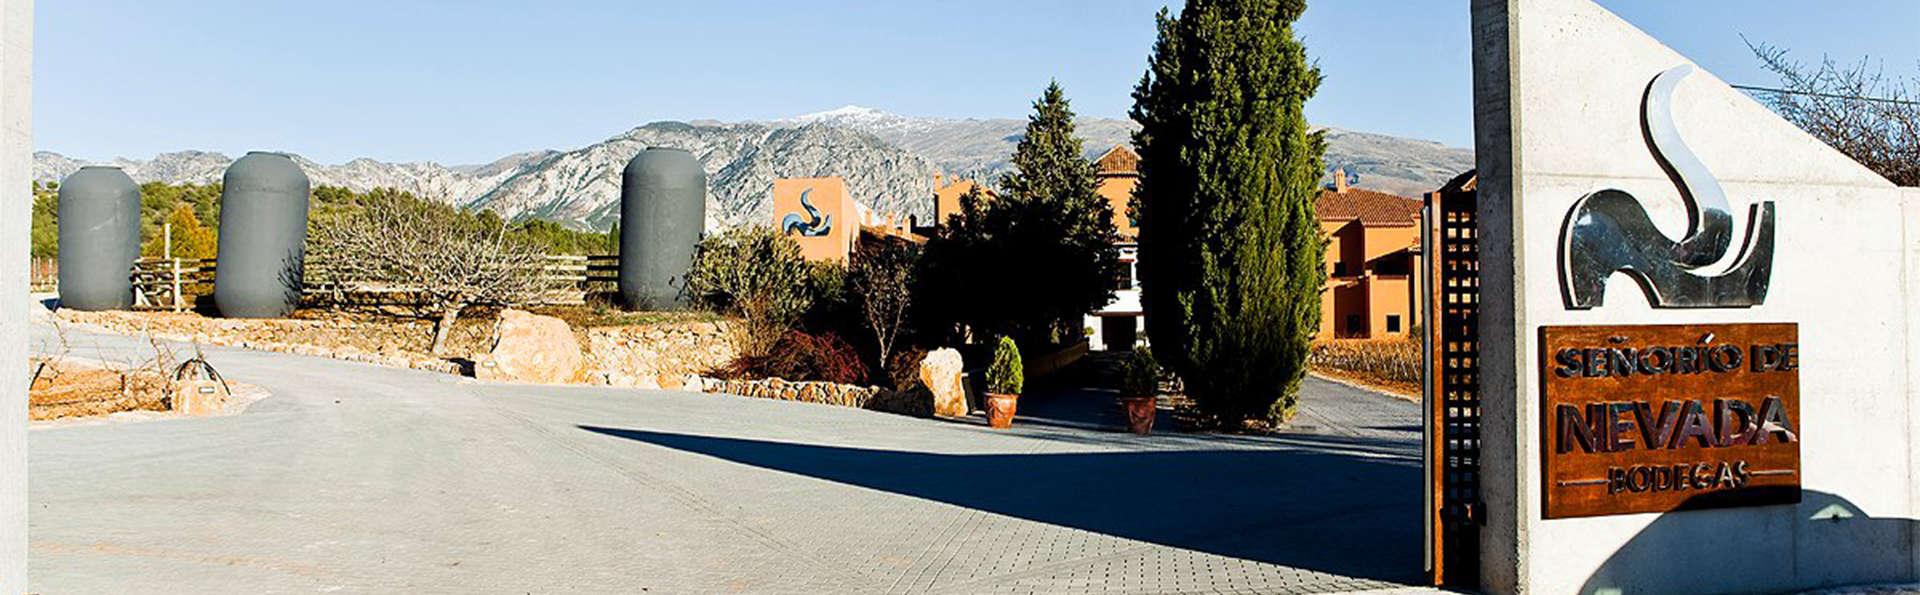 Hotel & Winery Señorío de Nevada - EDIT_Entrance.jpg